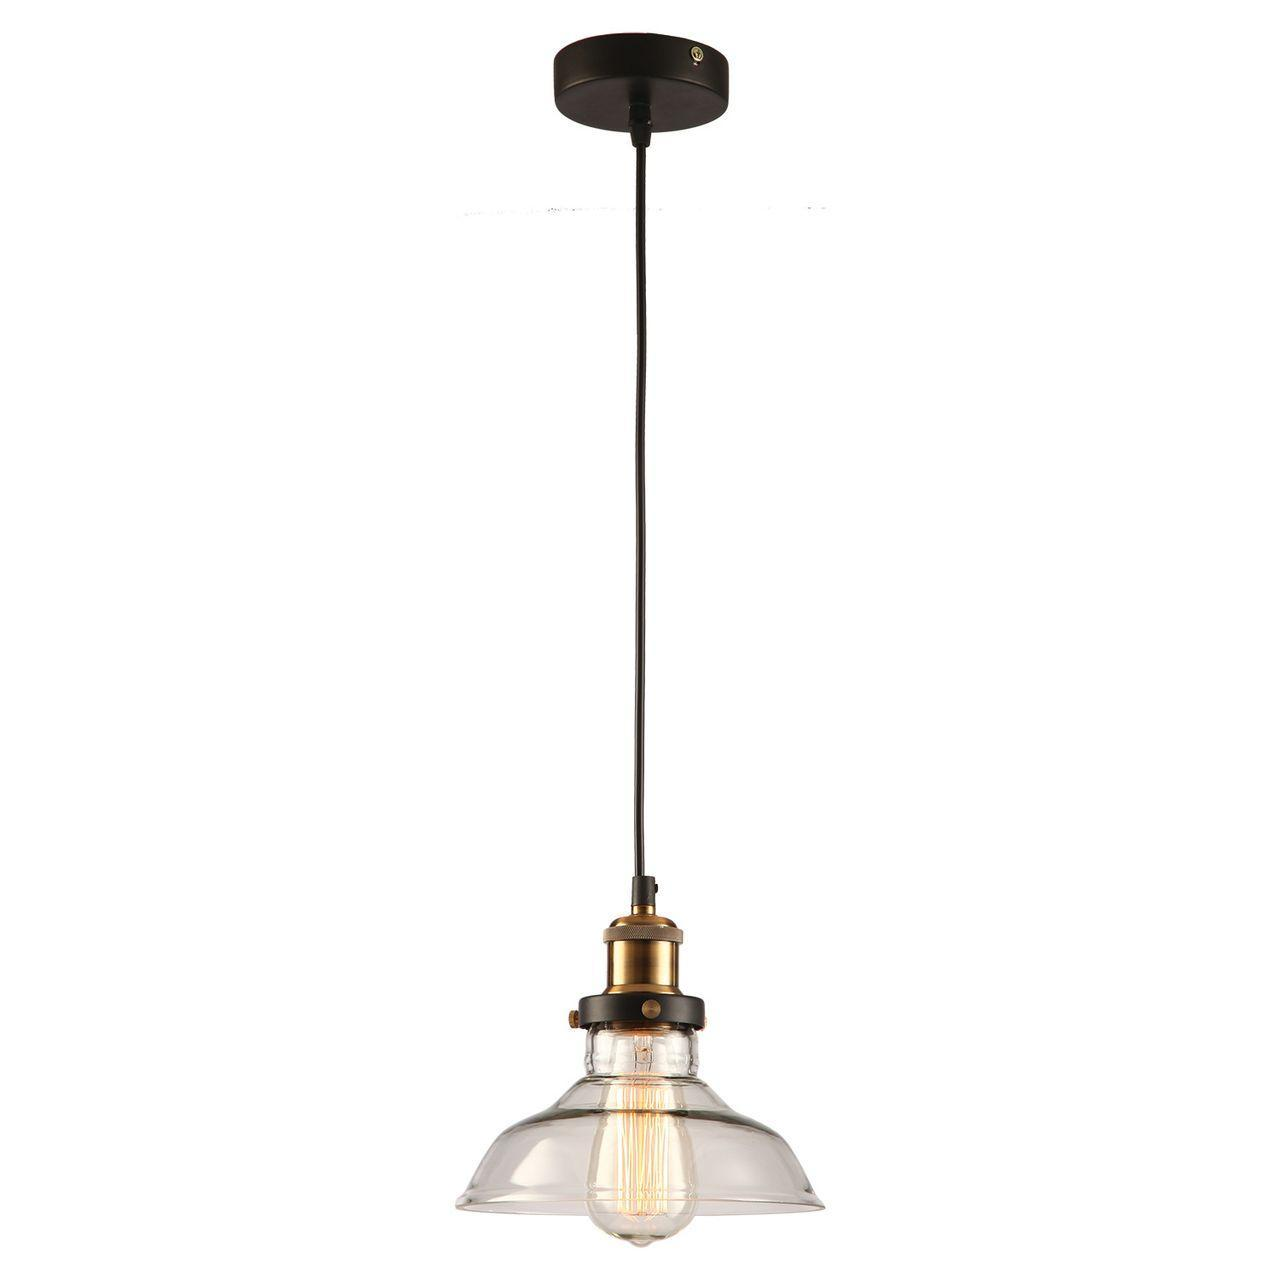 Фото - Подвесной светильник Lussole Loft IX LSP-9606 потолочный светильник lussole lsp 9606